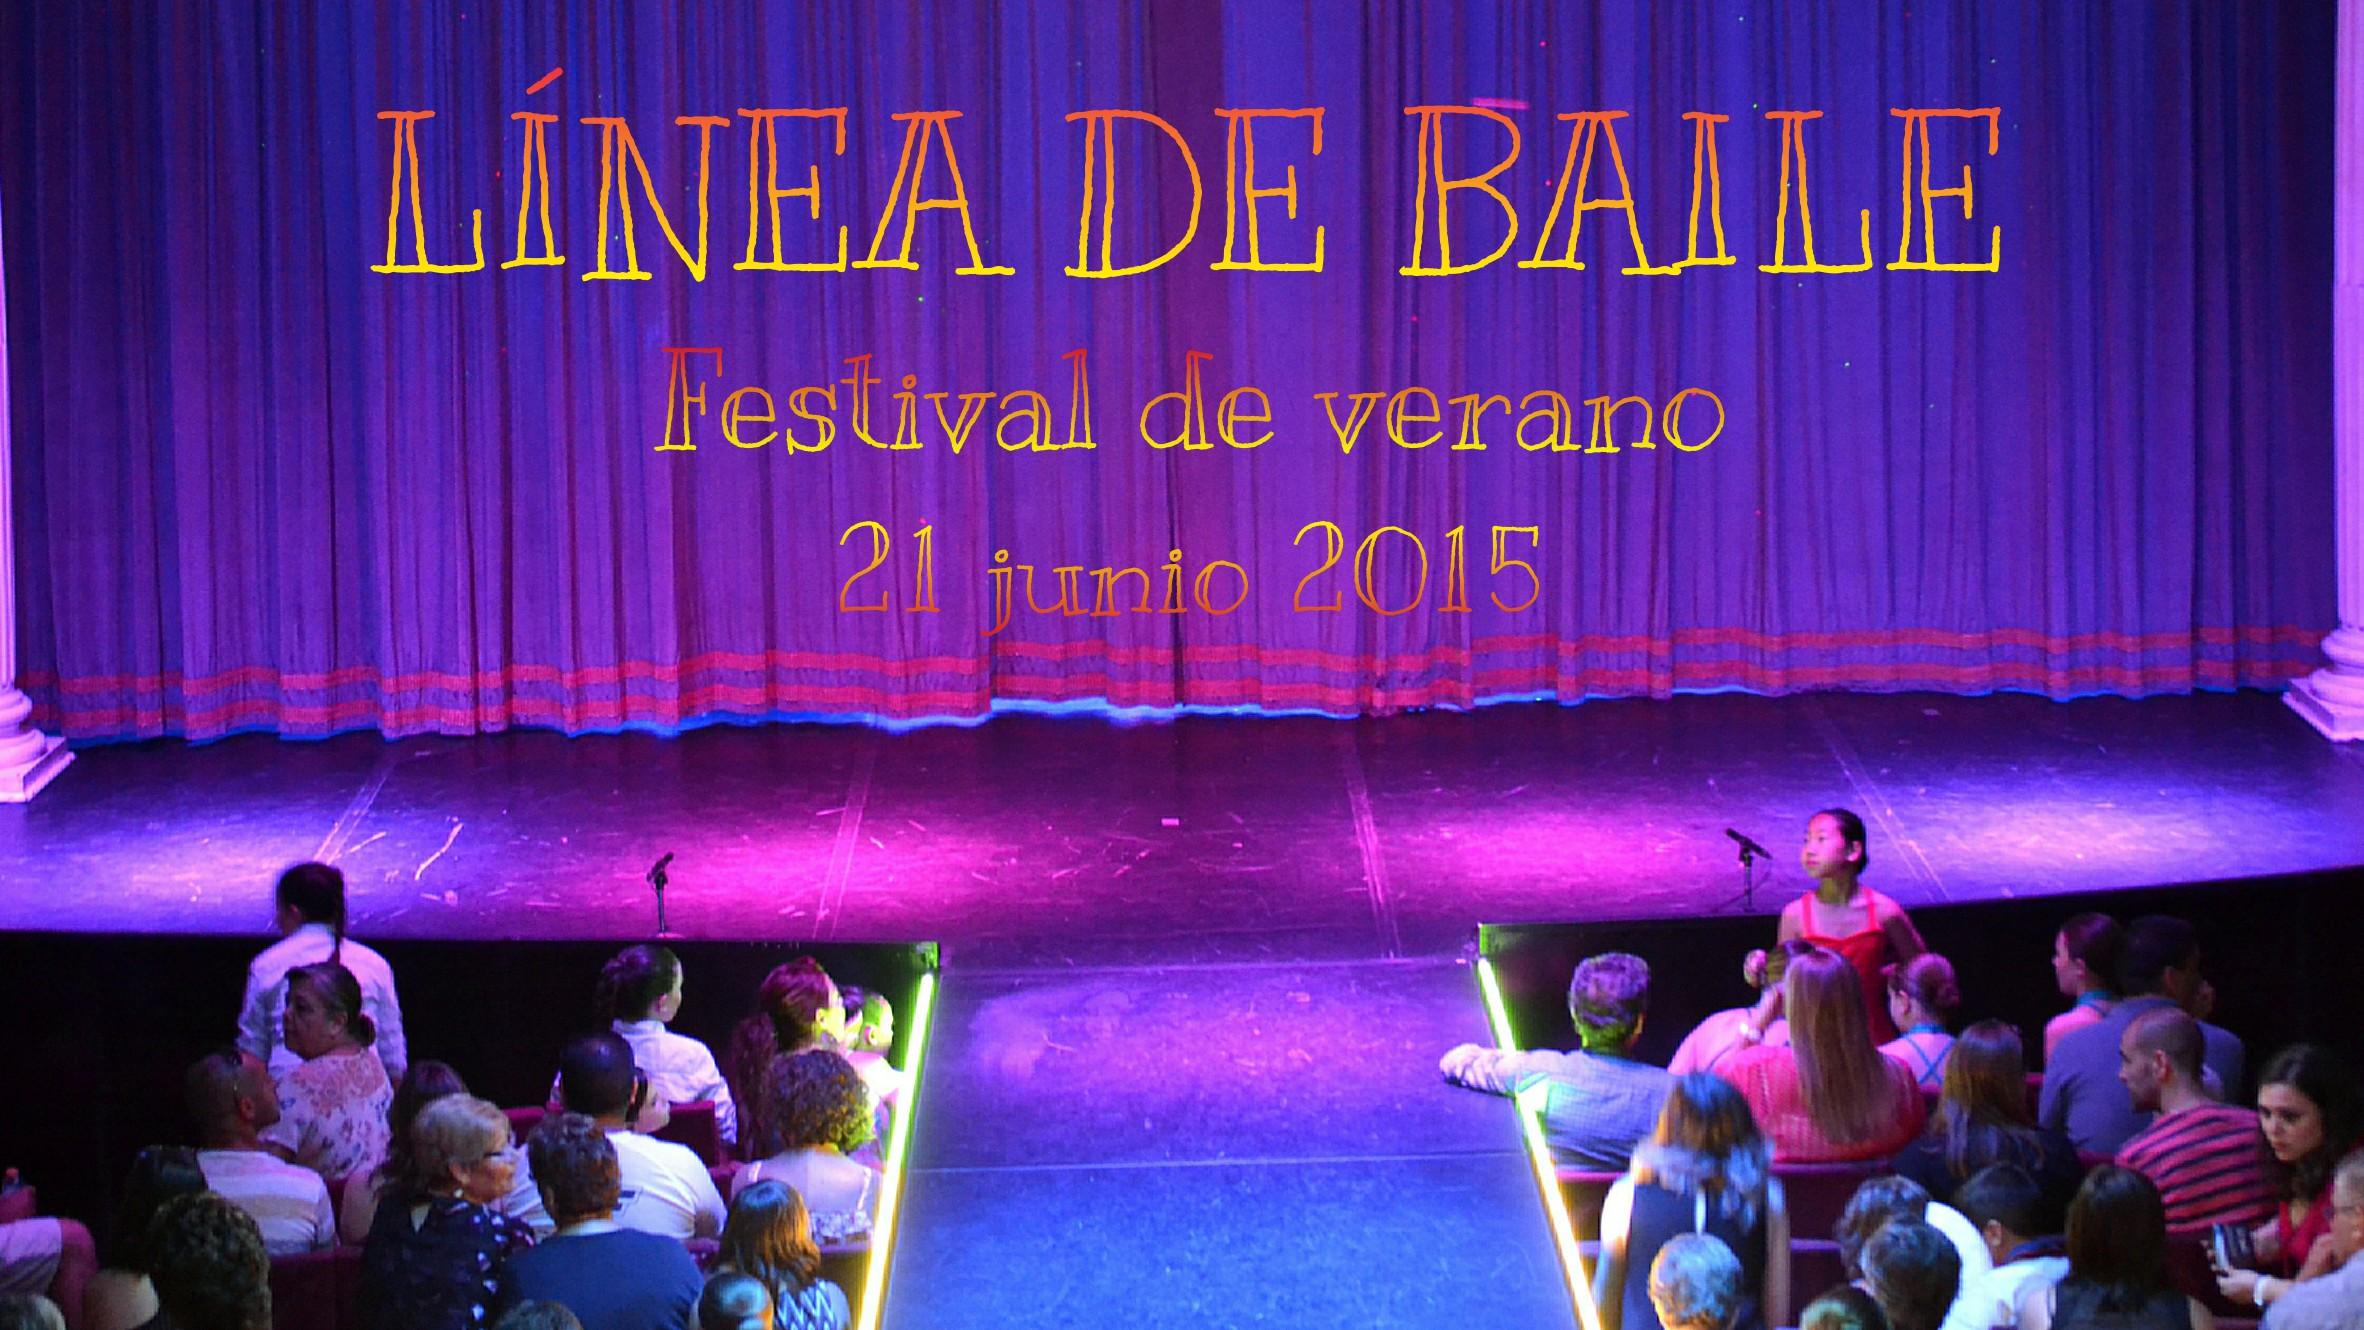 Linea-de-Baile-festival-verano-2015-clases-de-baile-valencia-6